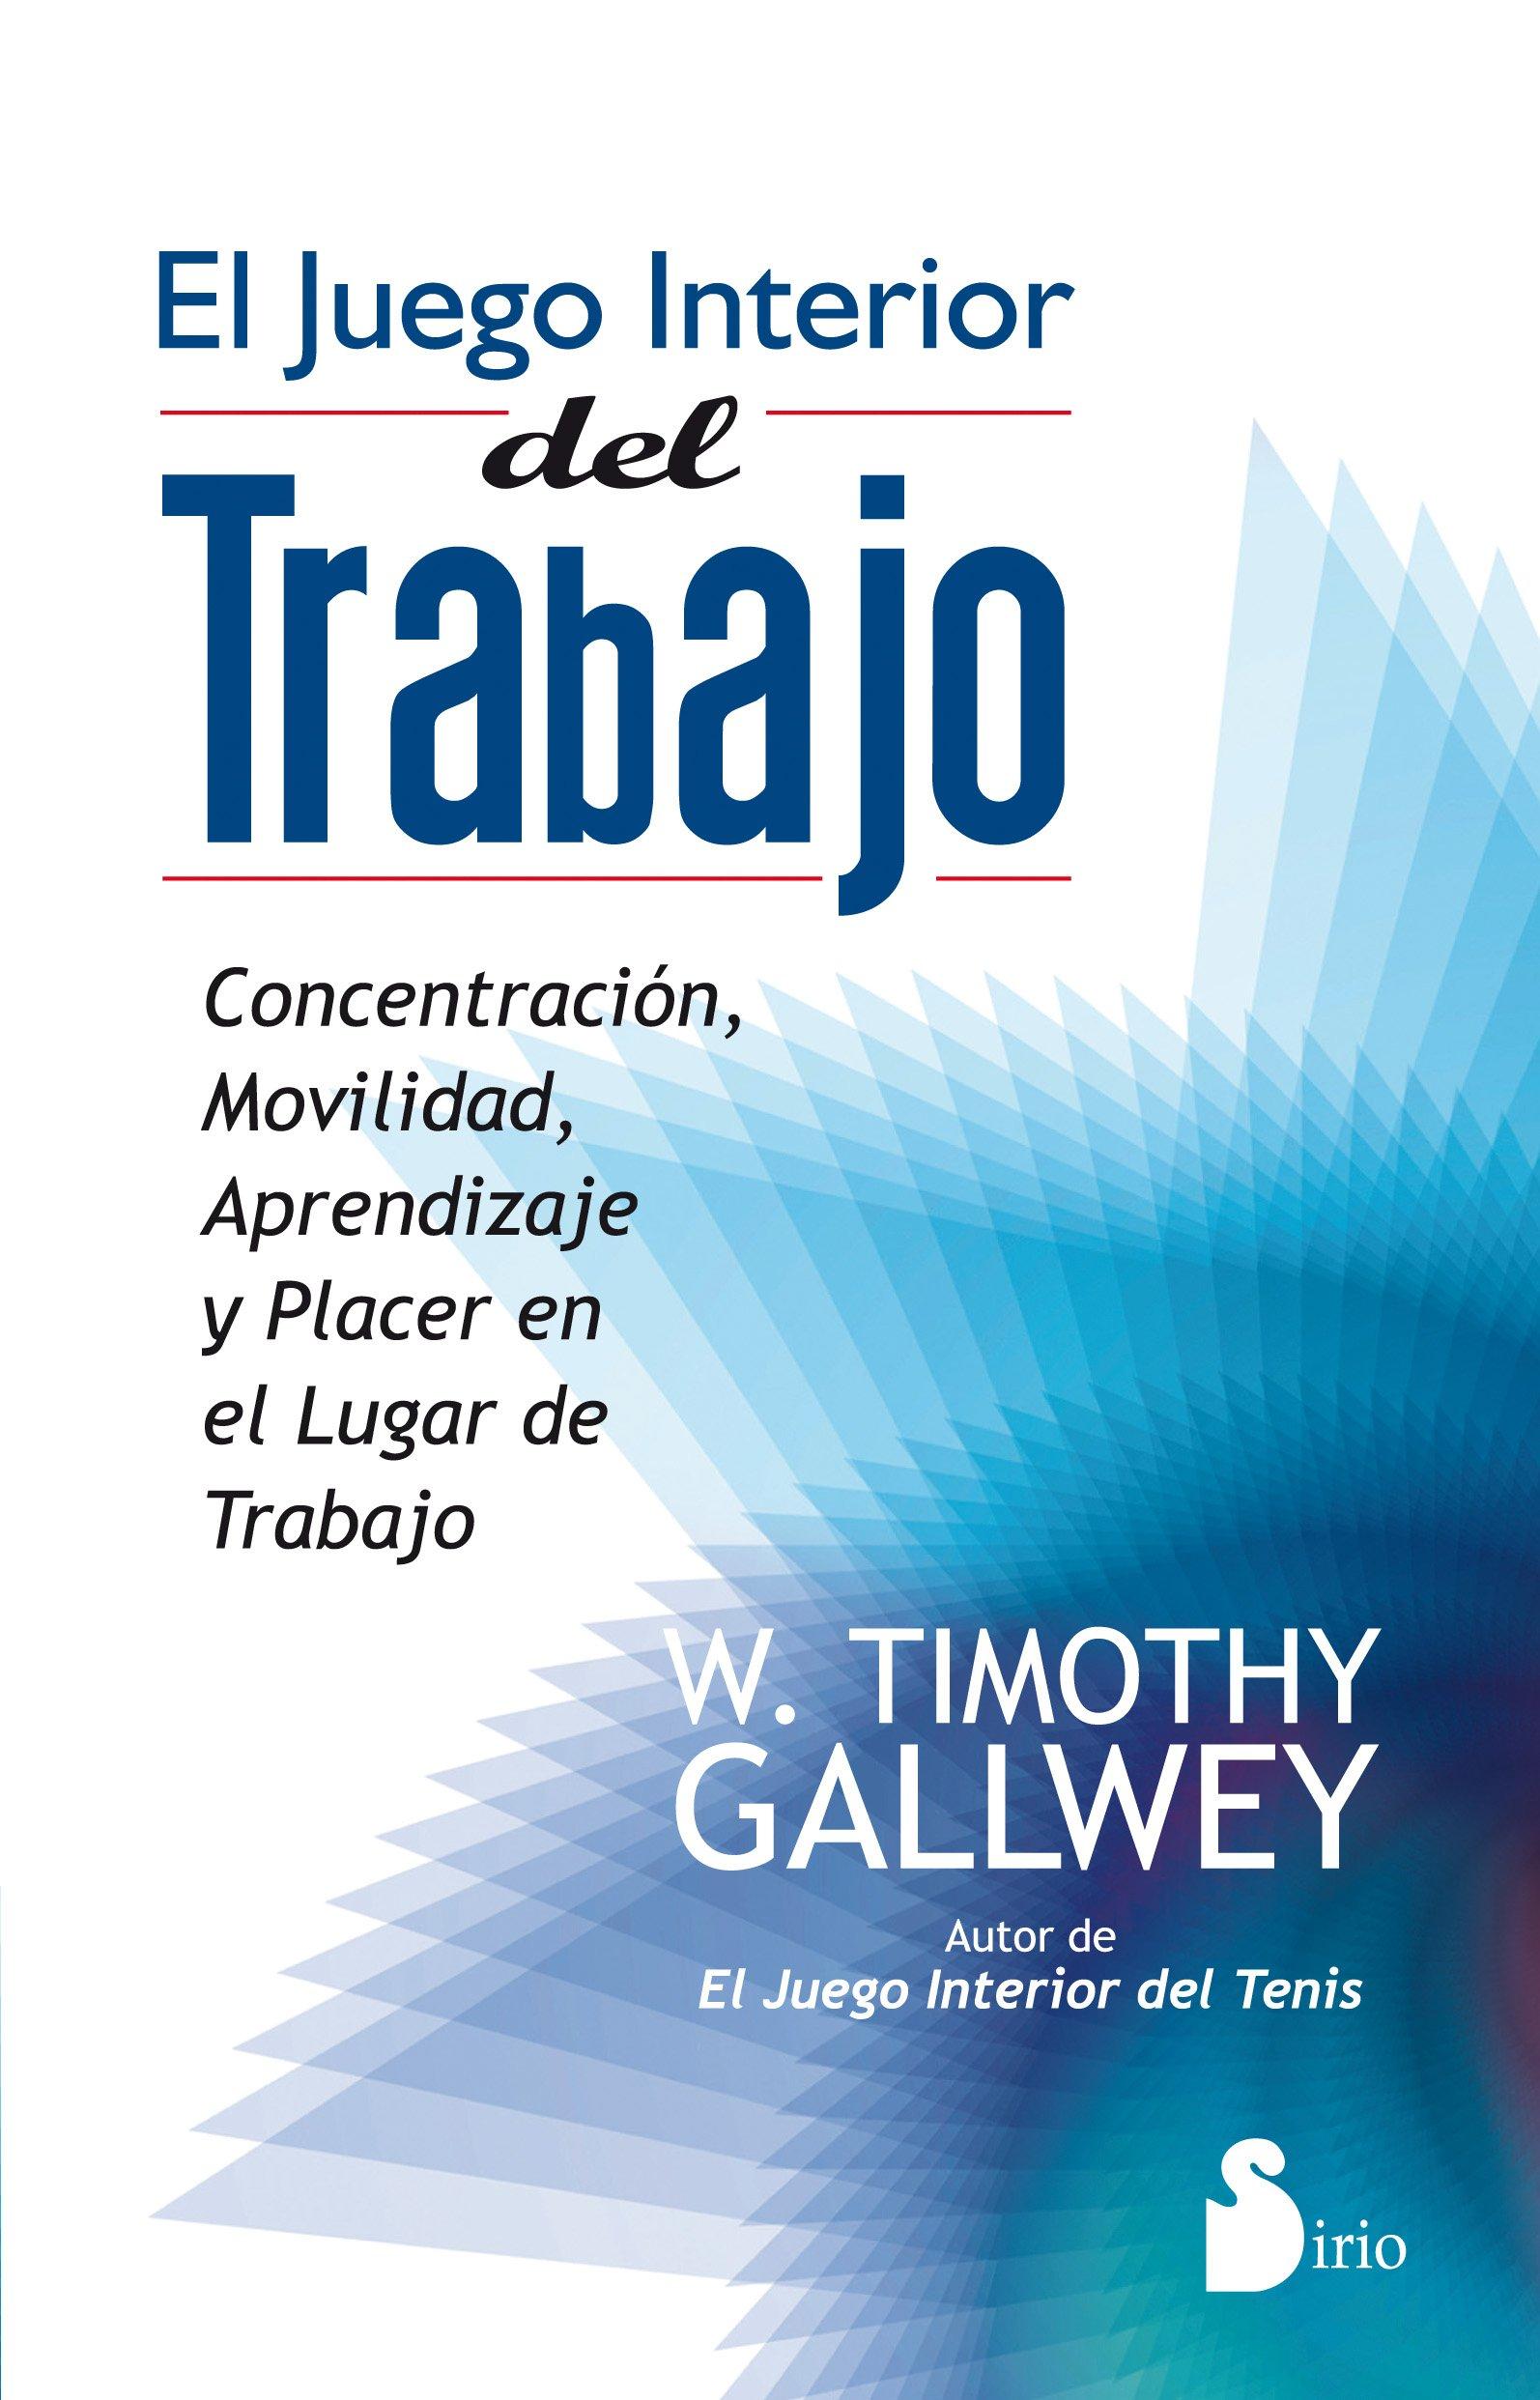 JUEGO INTERIOR DEL TRABAJO, EL: CONCENTRACION, MOVILIDAD, APRENDIZAJE Y  PLACER EN LUGAR DE TRABAJO 2012: Amazon.es: W TIMOTHY GALLWEY, Antonio Luis  Gómez ...